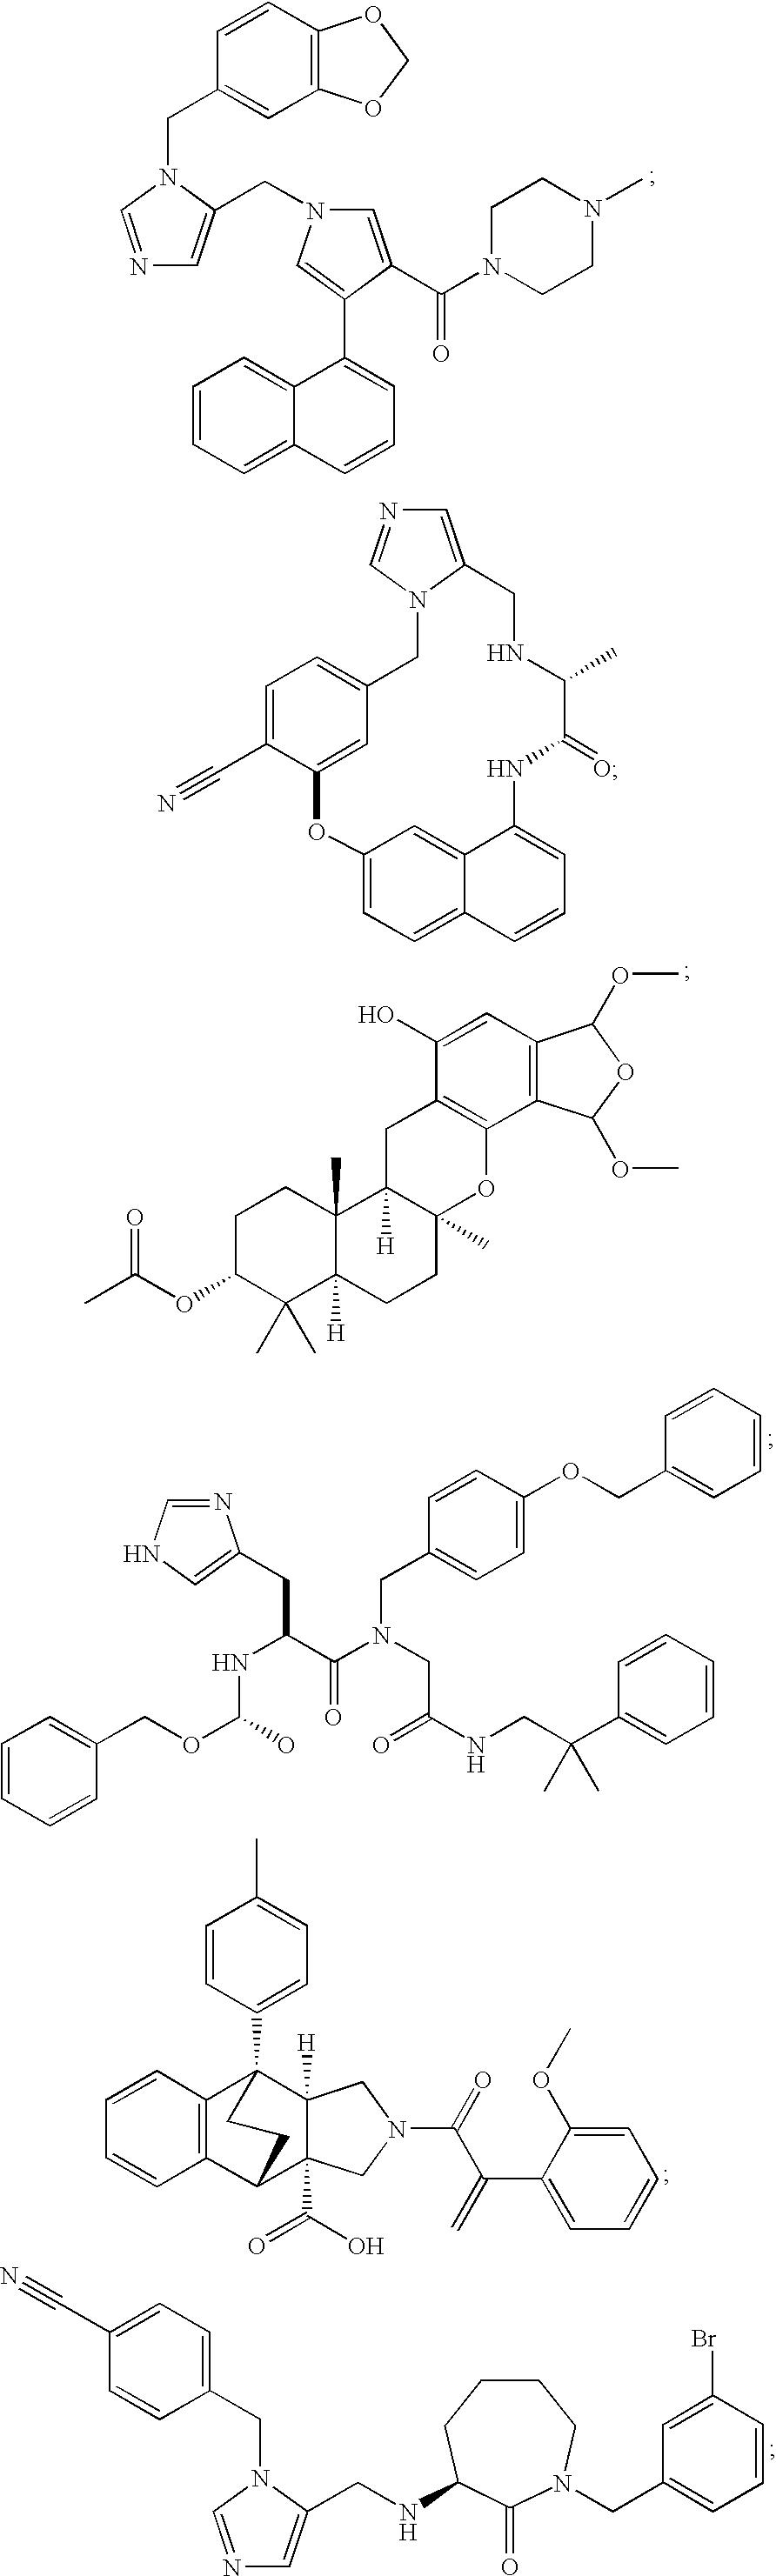 Figure US20080090242A1-20080417-C00136